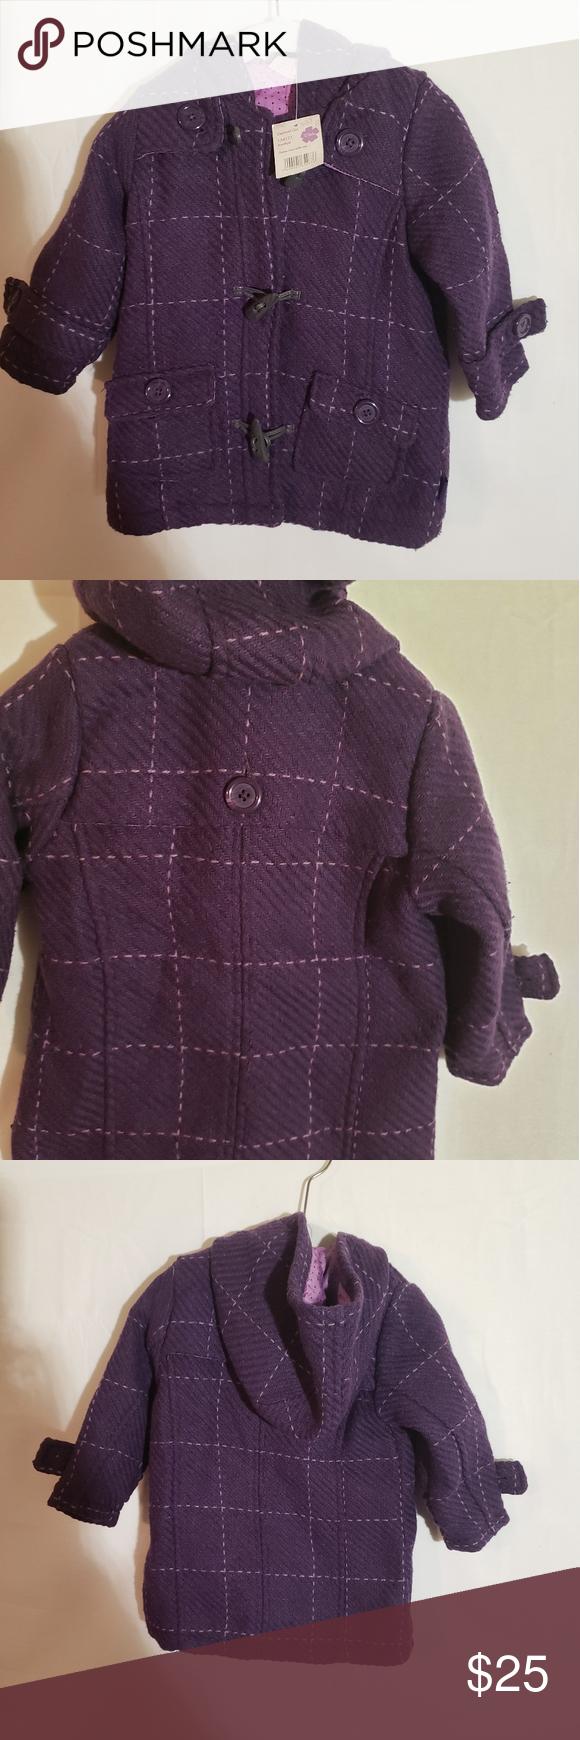 Pumkin Patch duffle coat.  K01 Punkin Patch Chelsea check duffle coat  12- 18 mo…